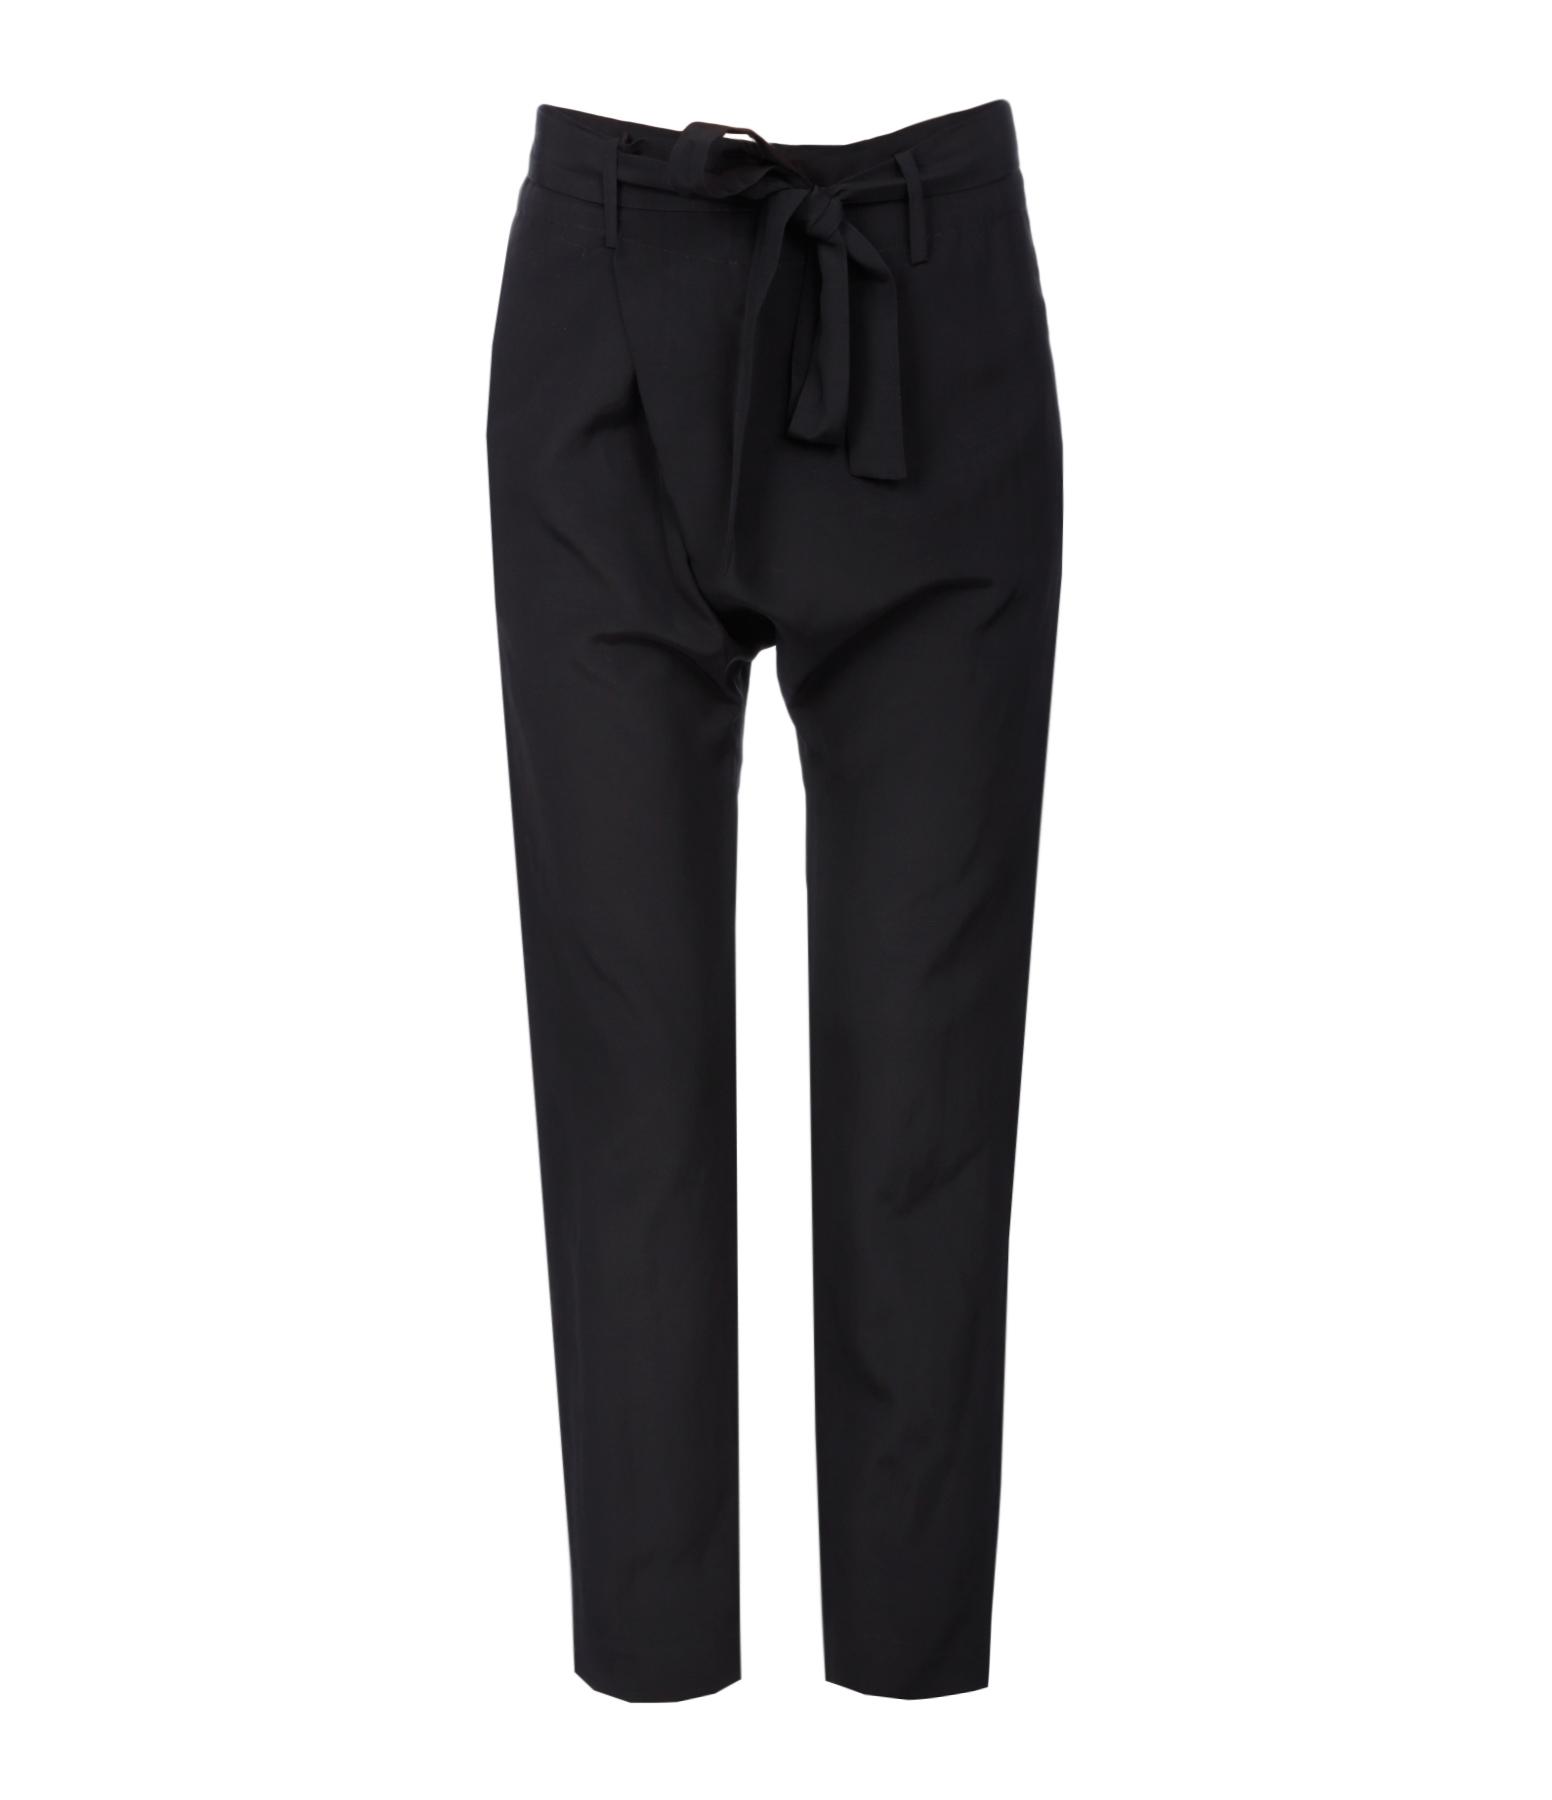 Pantalon Caitlin Noir